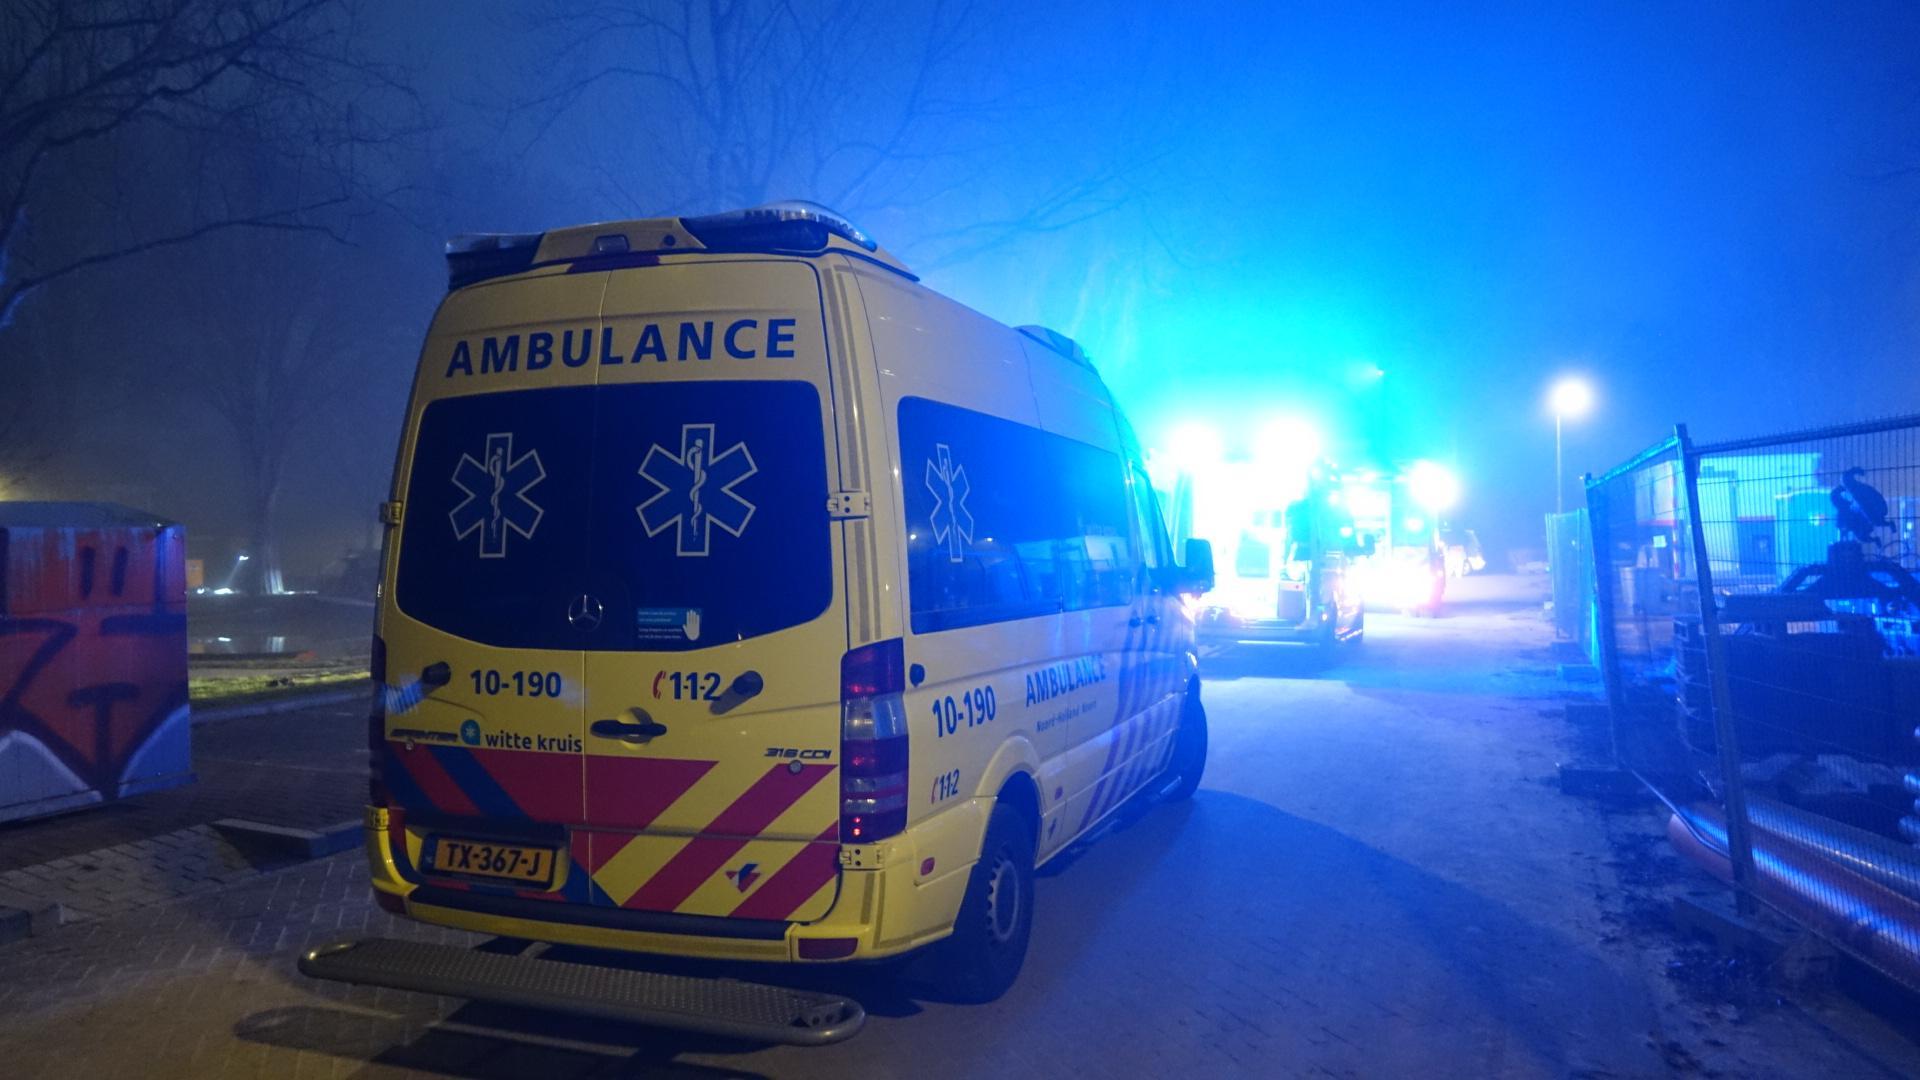 Vermiste 78-jarige man aangetroffen in water Dirkshorn, politie spreekt van 'noodlottig ongeval' [update]